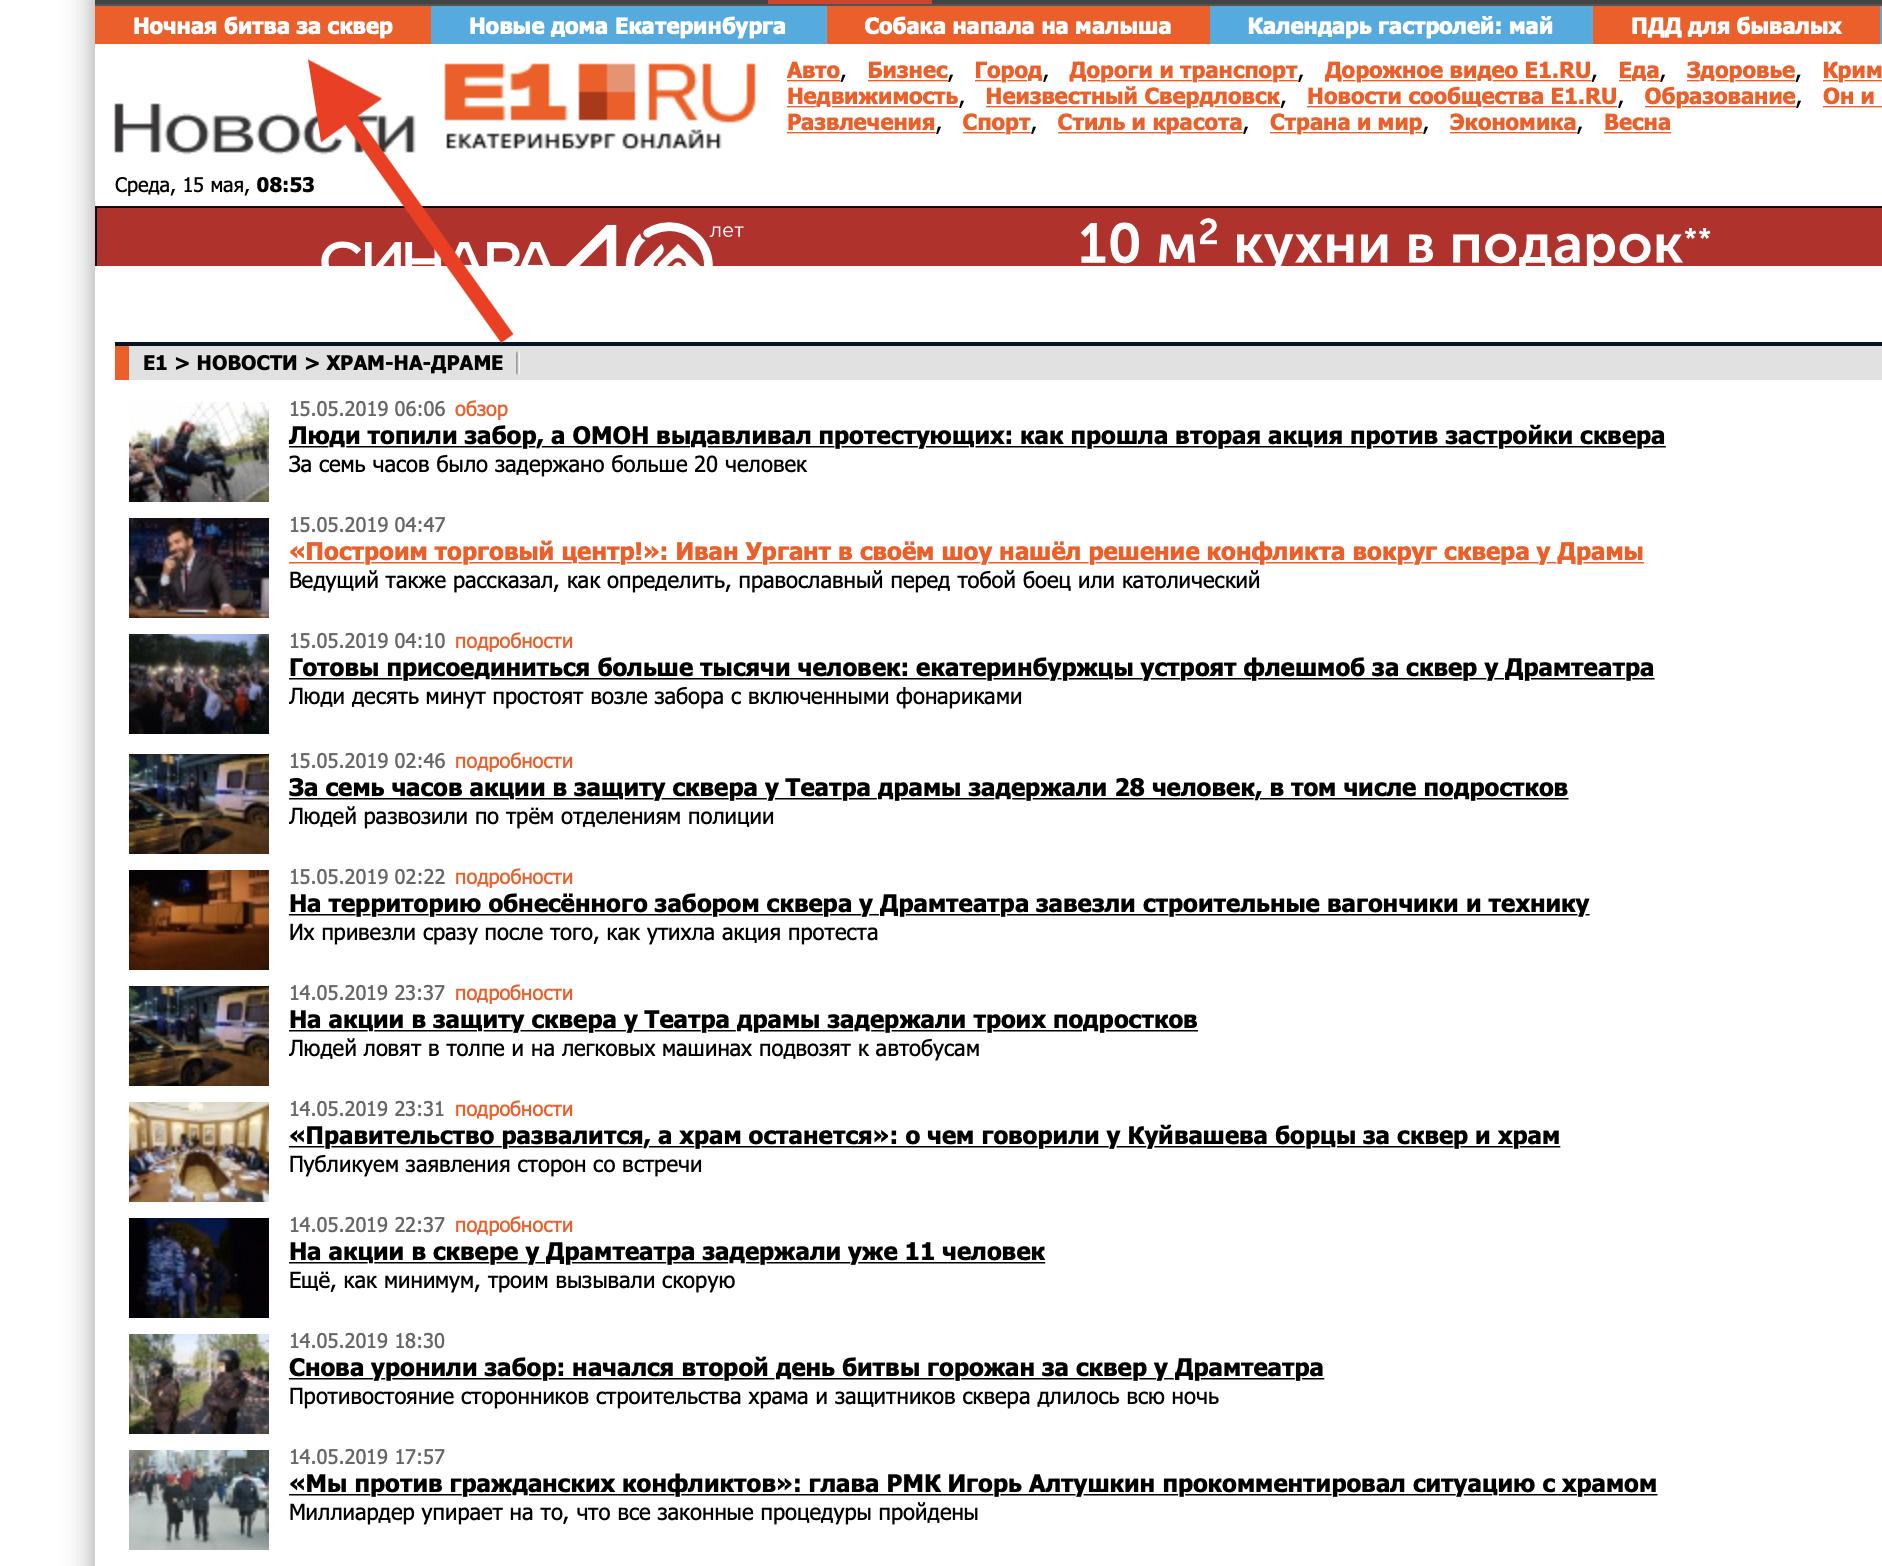 Екатеринбург: мирный протест под крики Ганьба! и ключевая роль